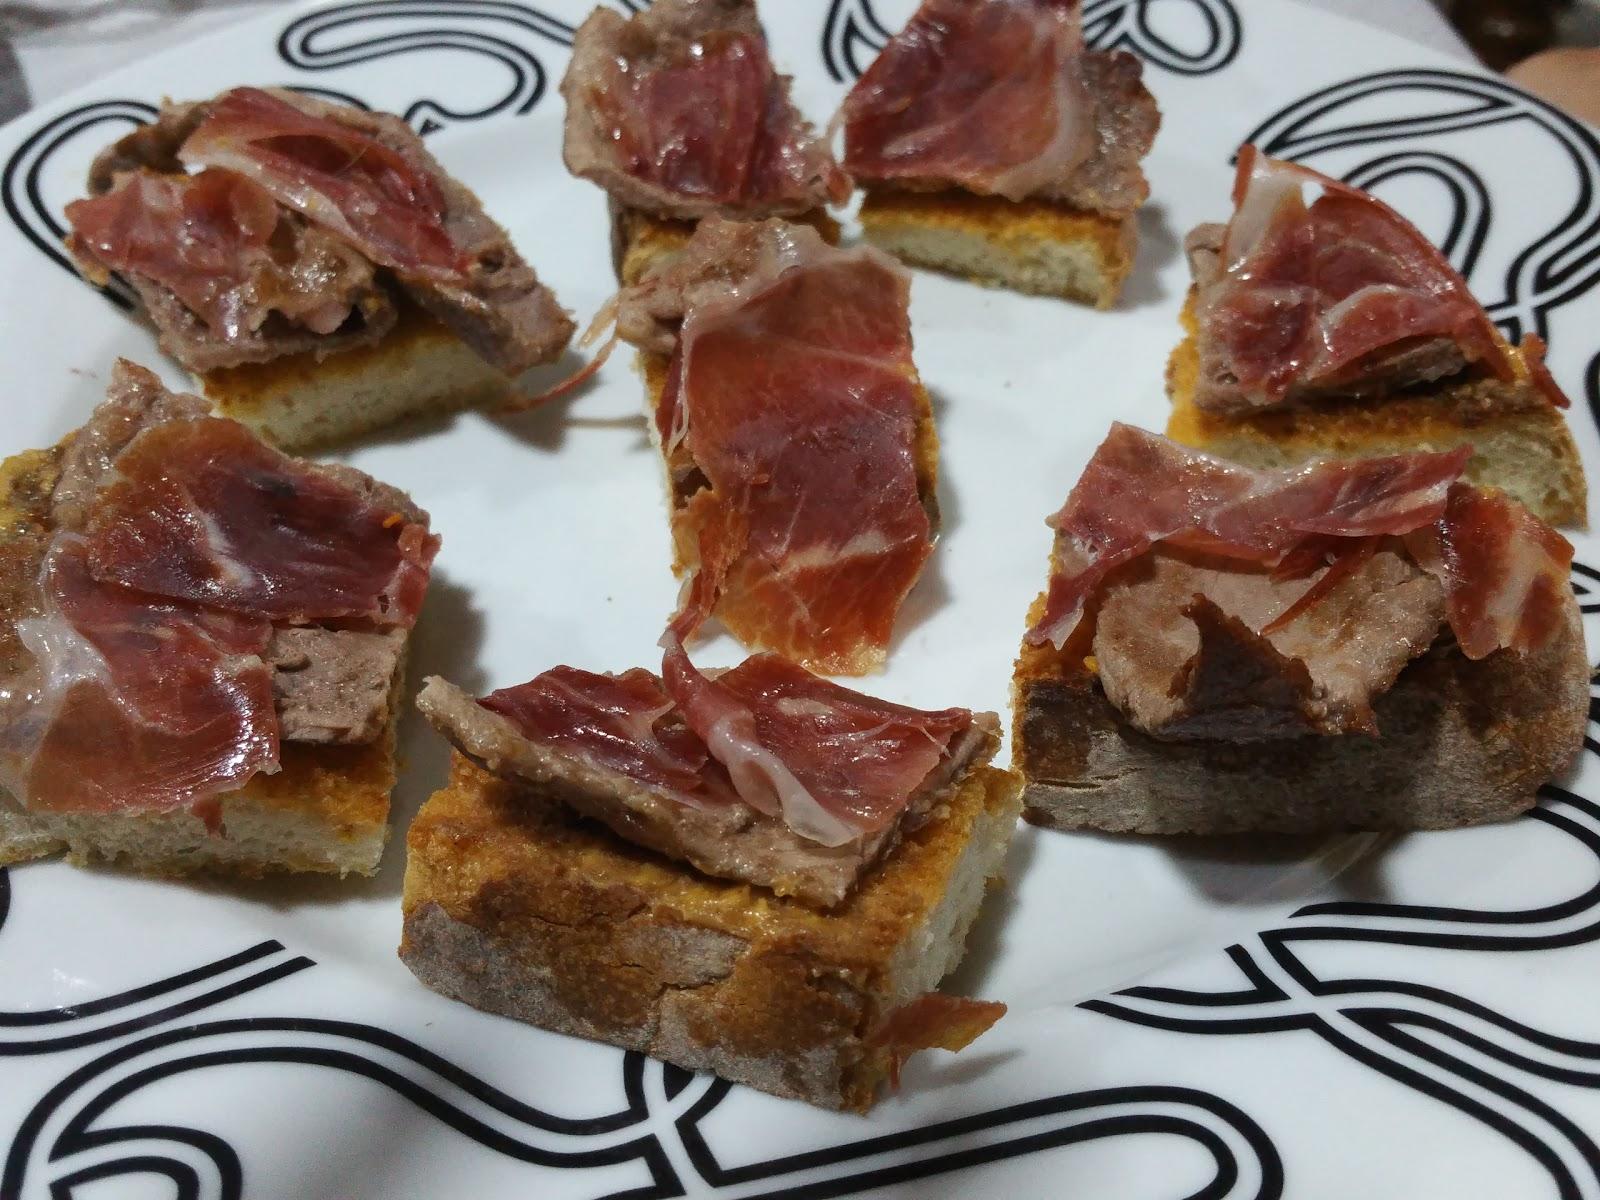 Reposteria-Restaurante Los Galvaos